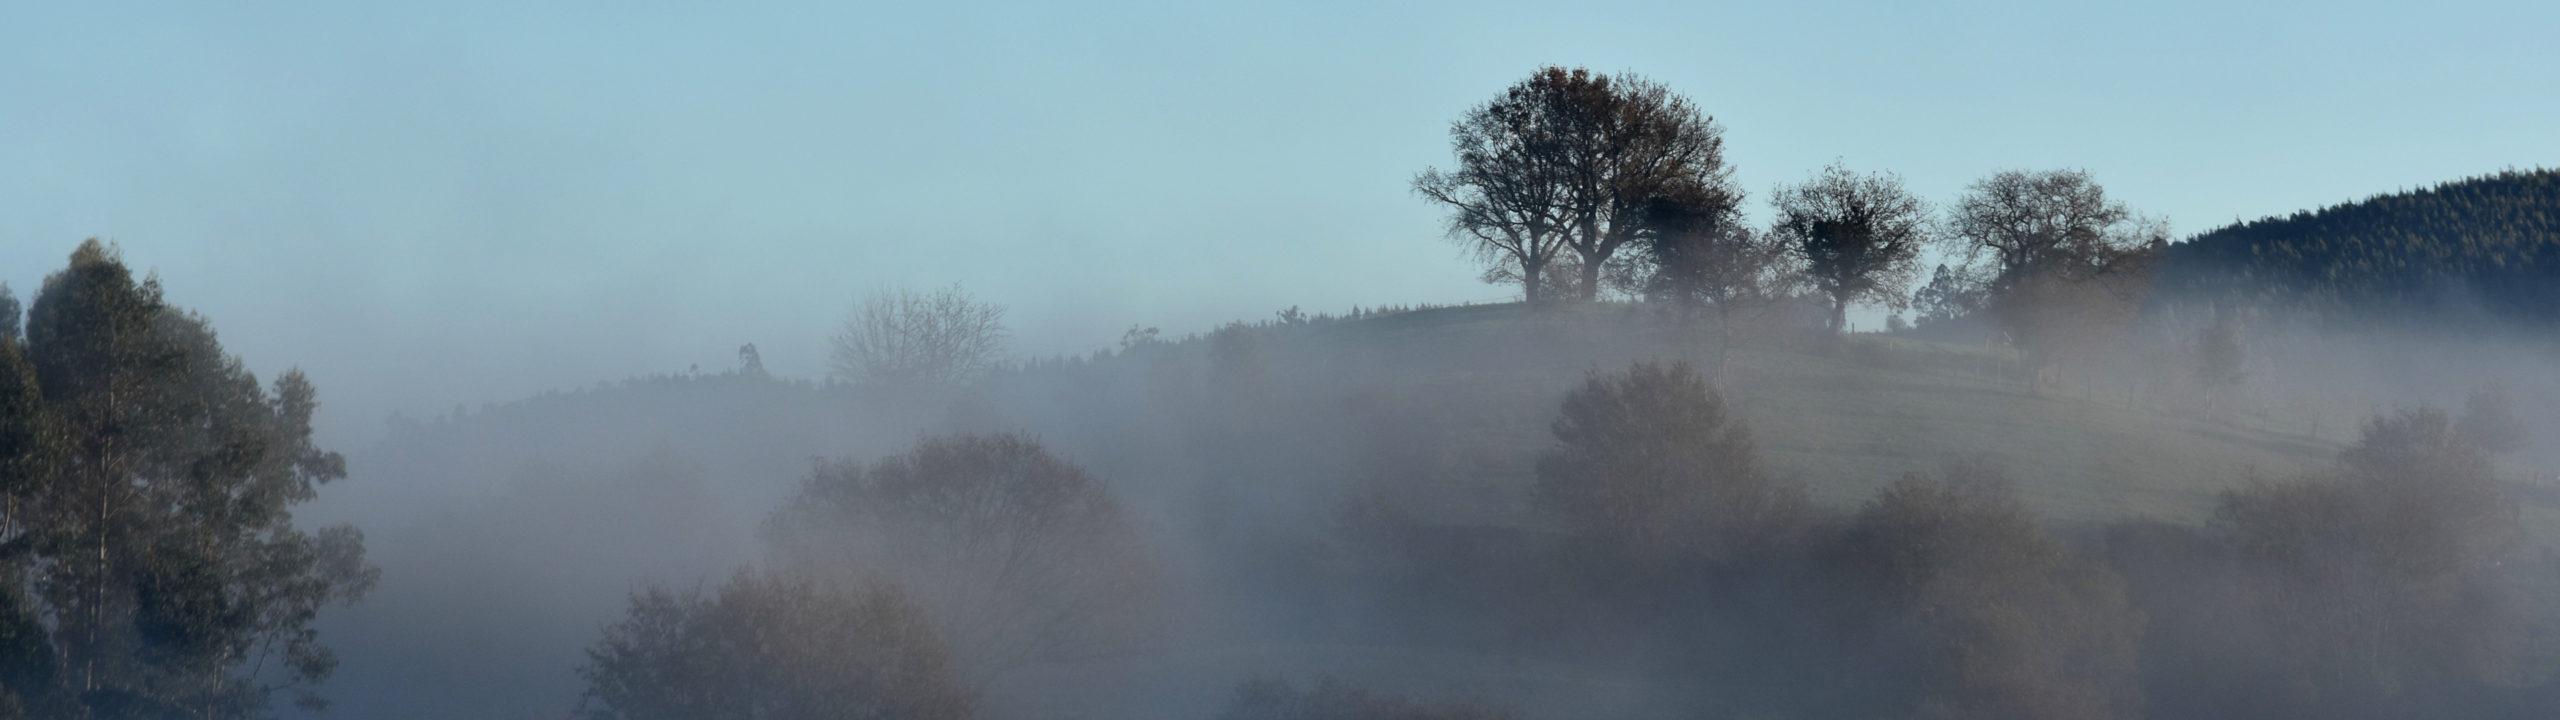 Árboles en la niebla